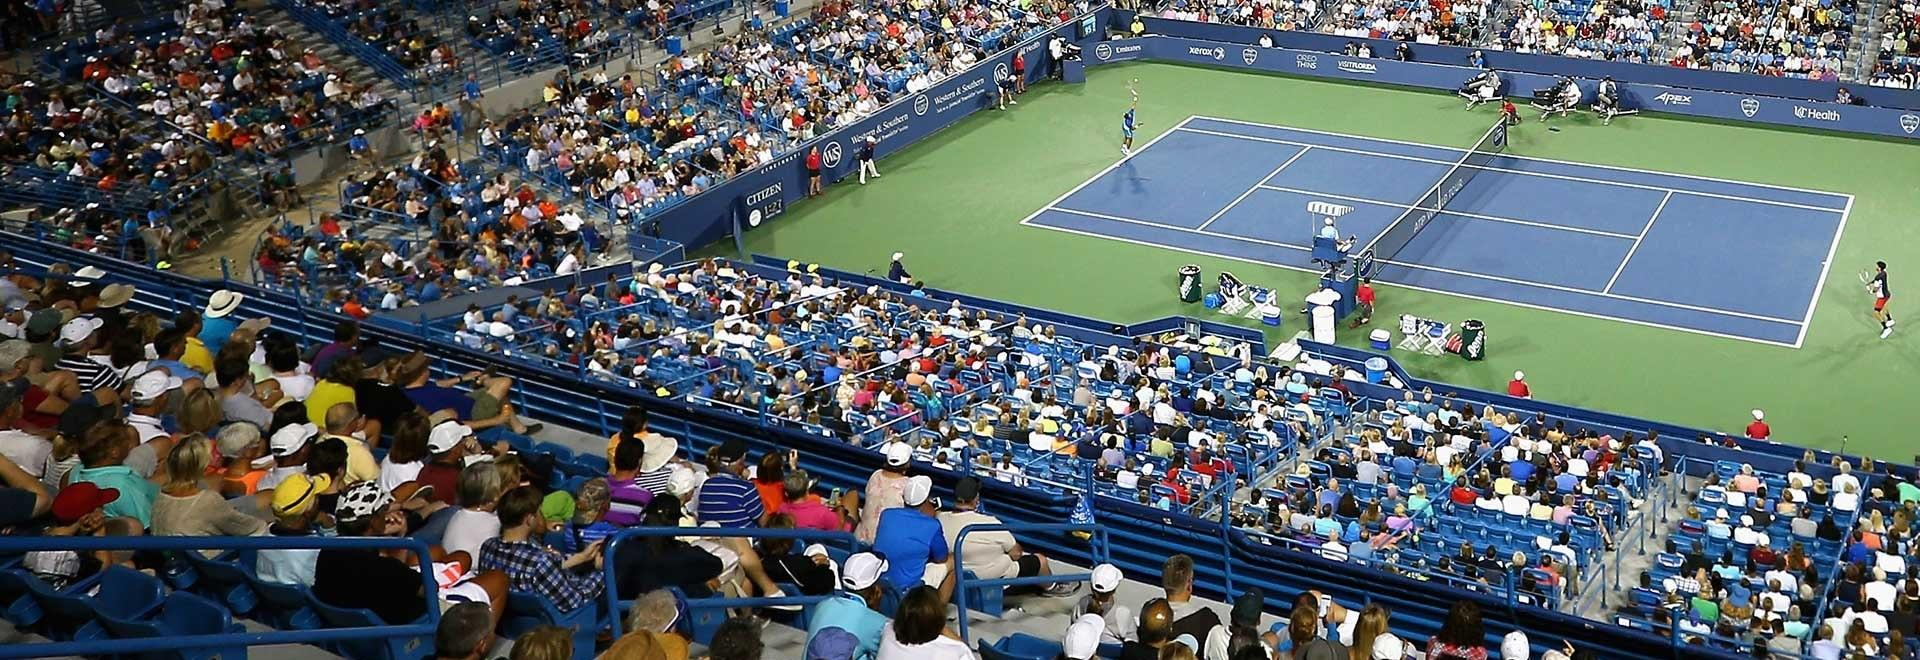 ATP Cincinnati 2010